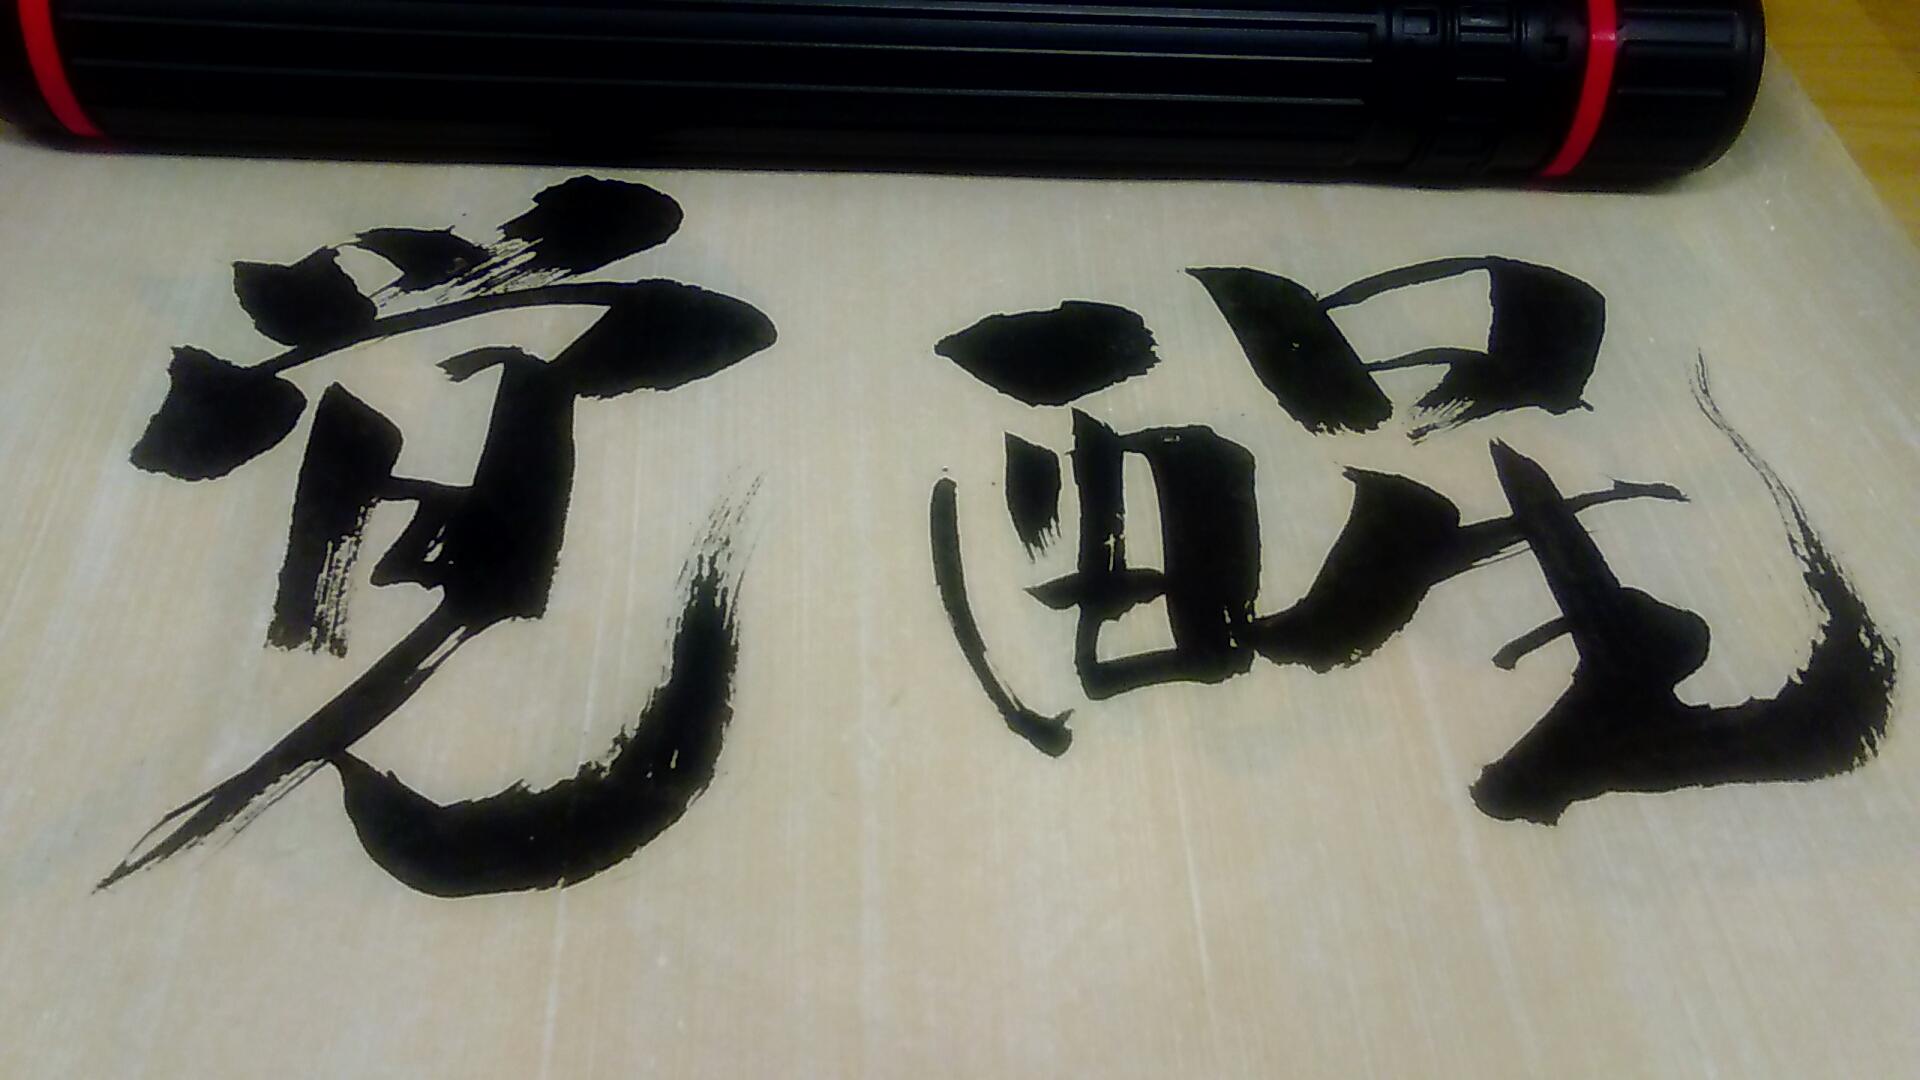 20180602165236 1 - 2018年6月2日東京思風塾開催しました。